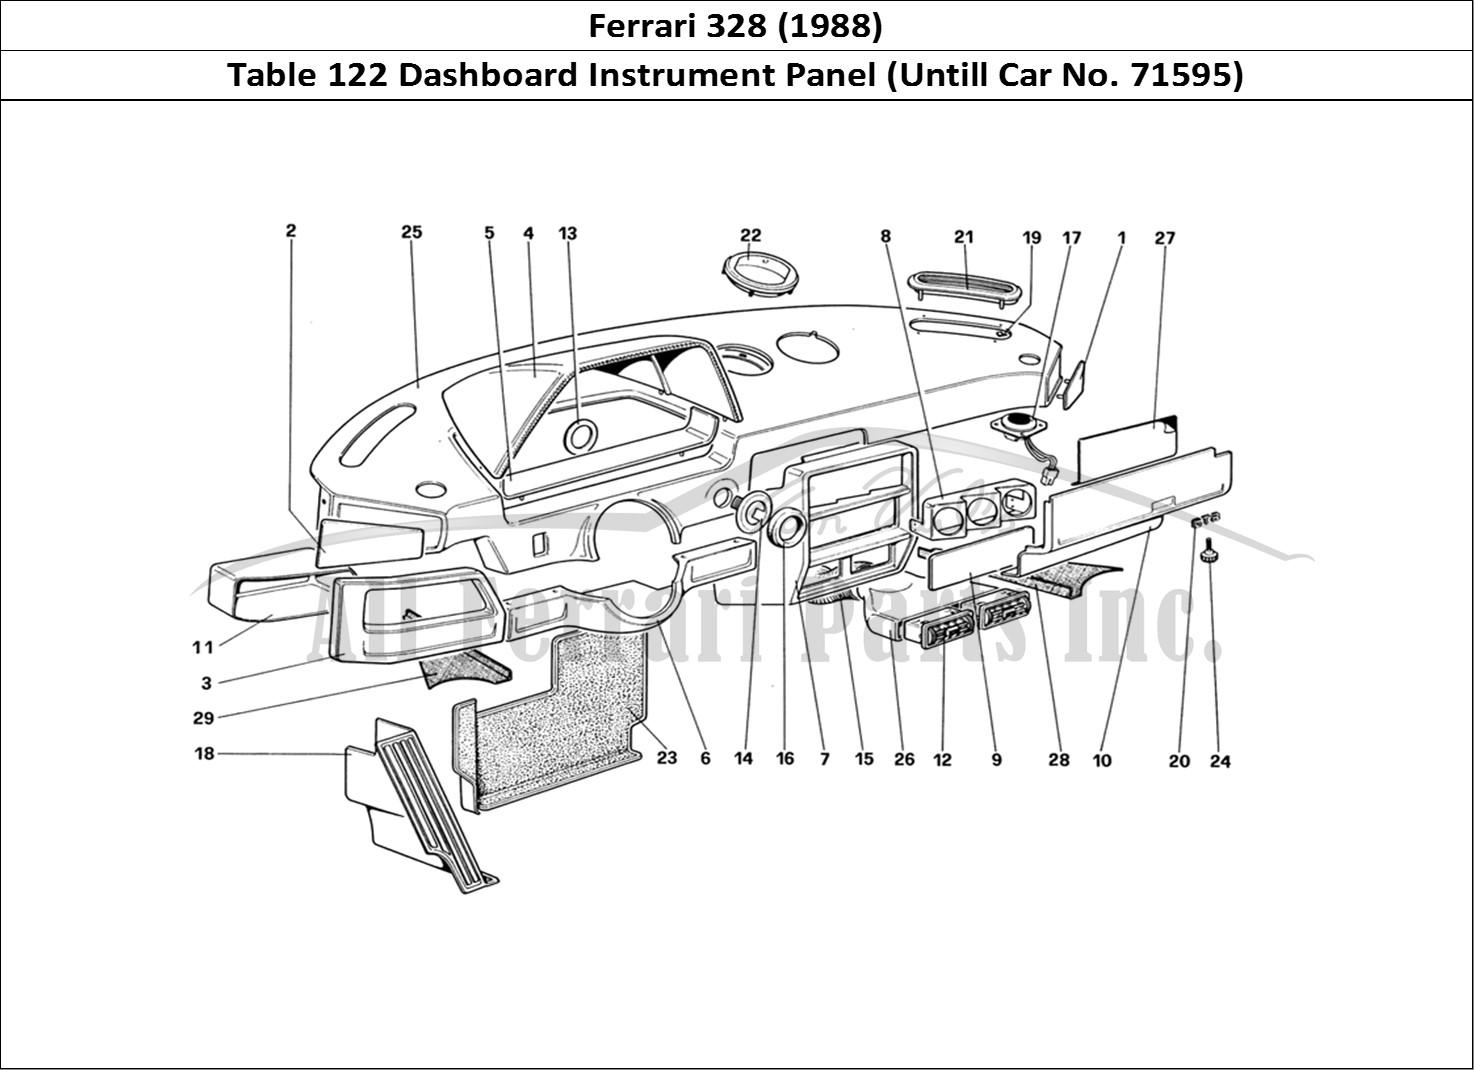 Buy Original Ferrari 328 122 Dashboard Instrument Panel Untill Car No Ferrari